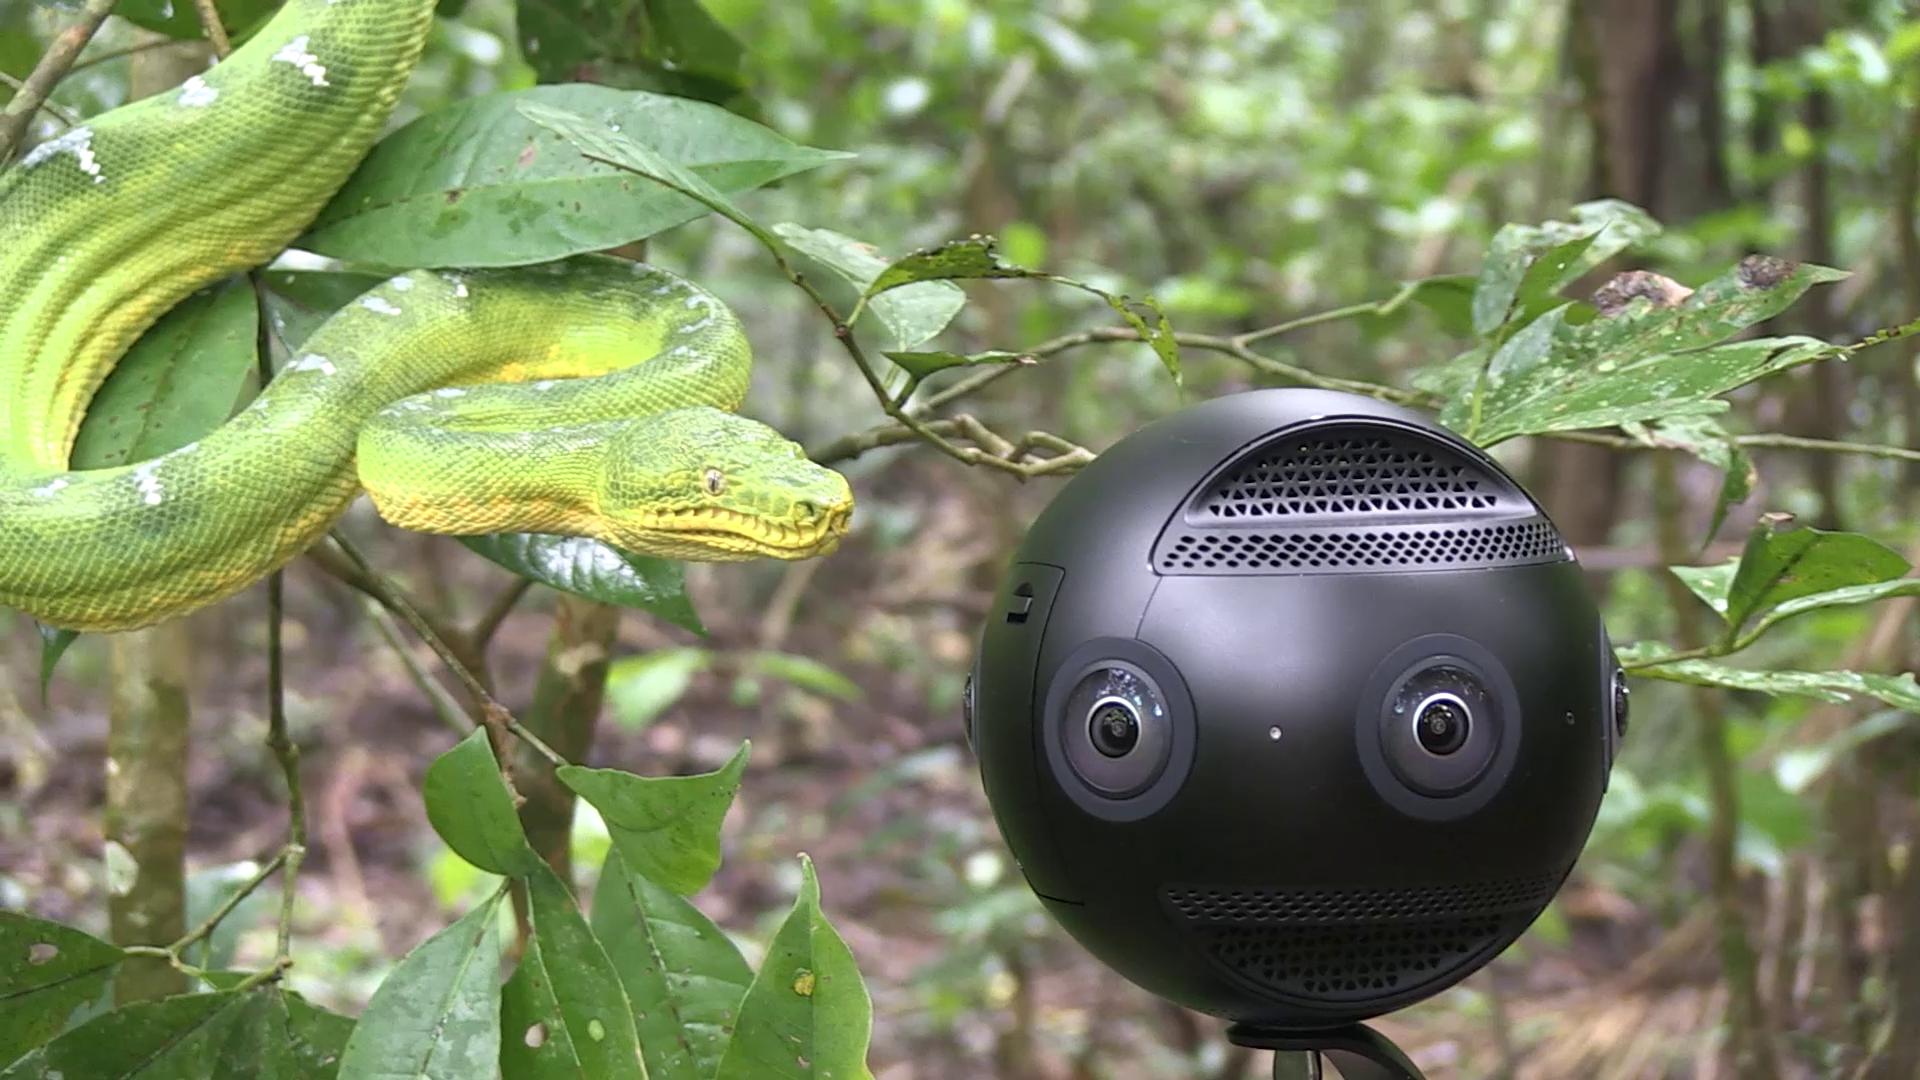 Les caméras employées par les réalisateurs doivent être au plus près des animaux.